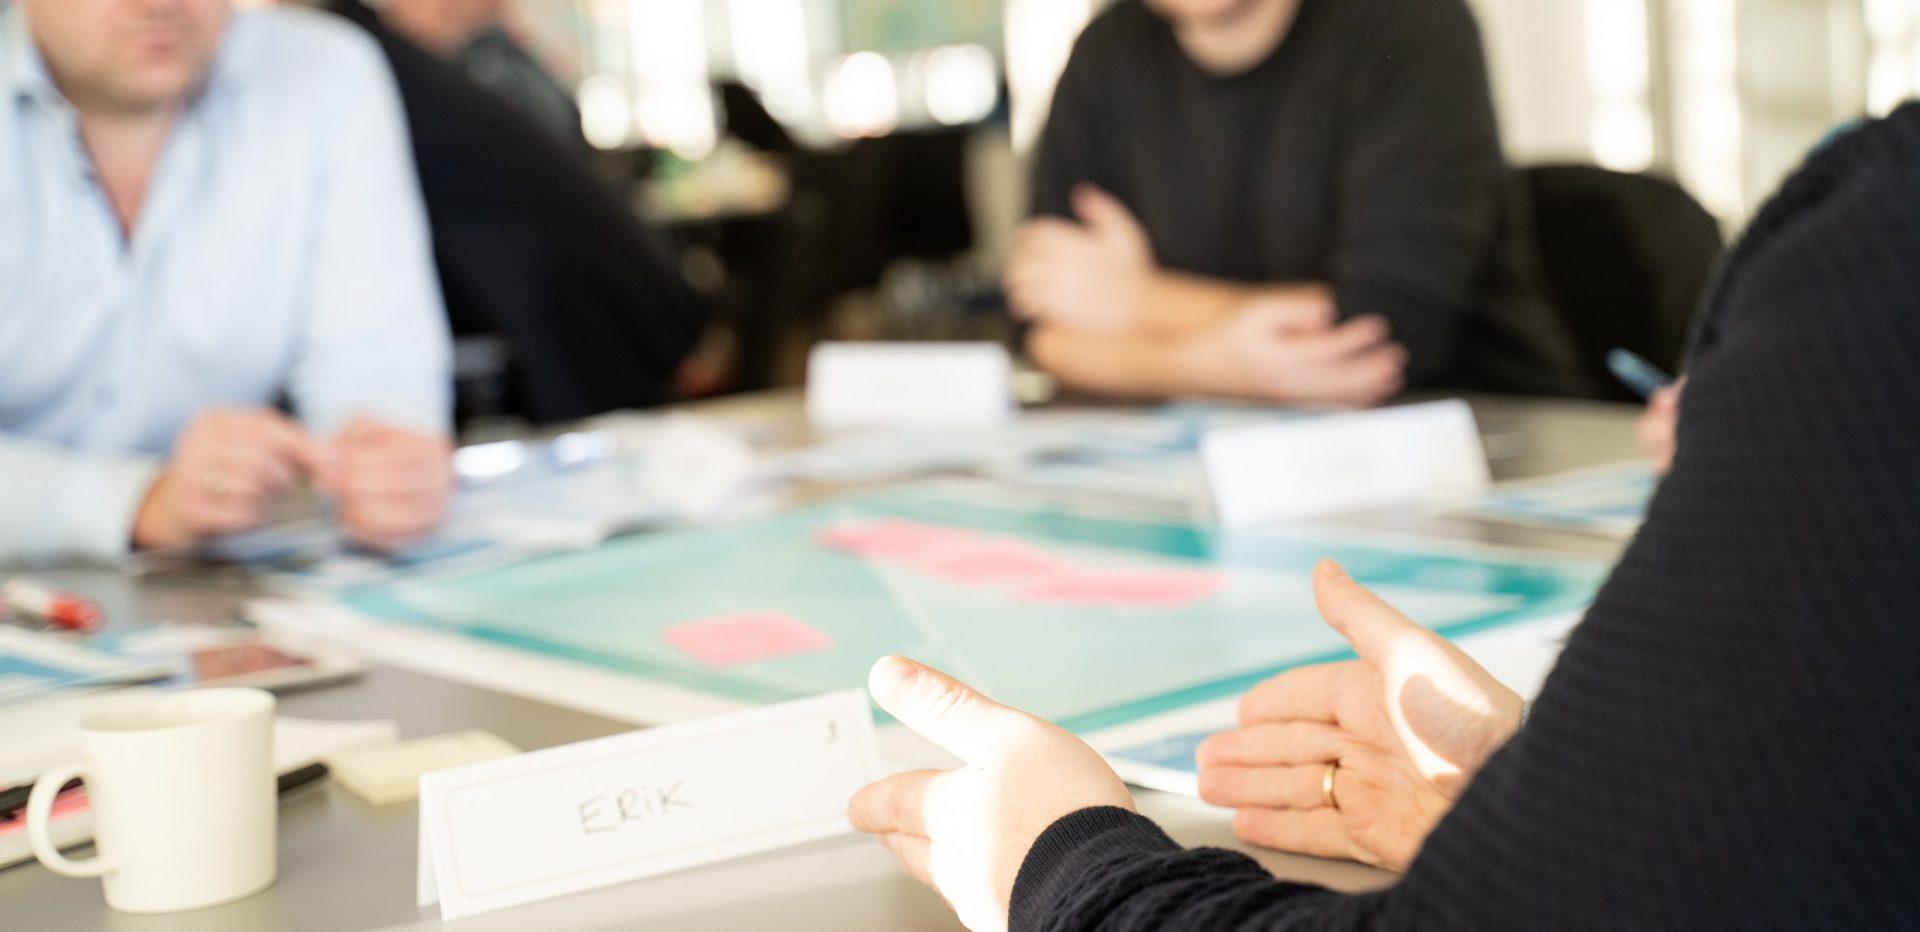 Gruppeudviklingssamtale mellem medarbejdere og leder